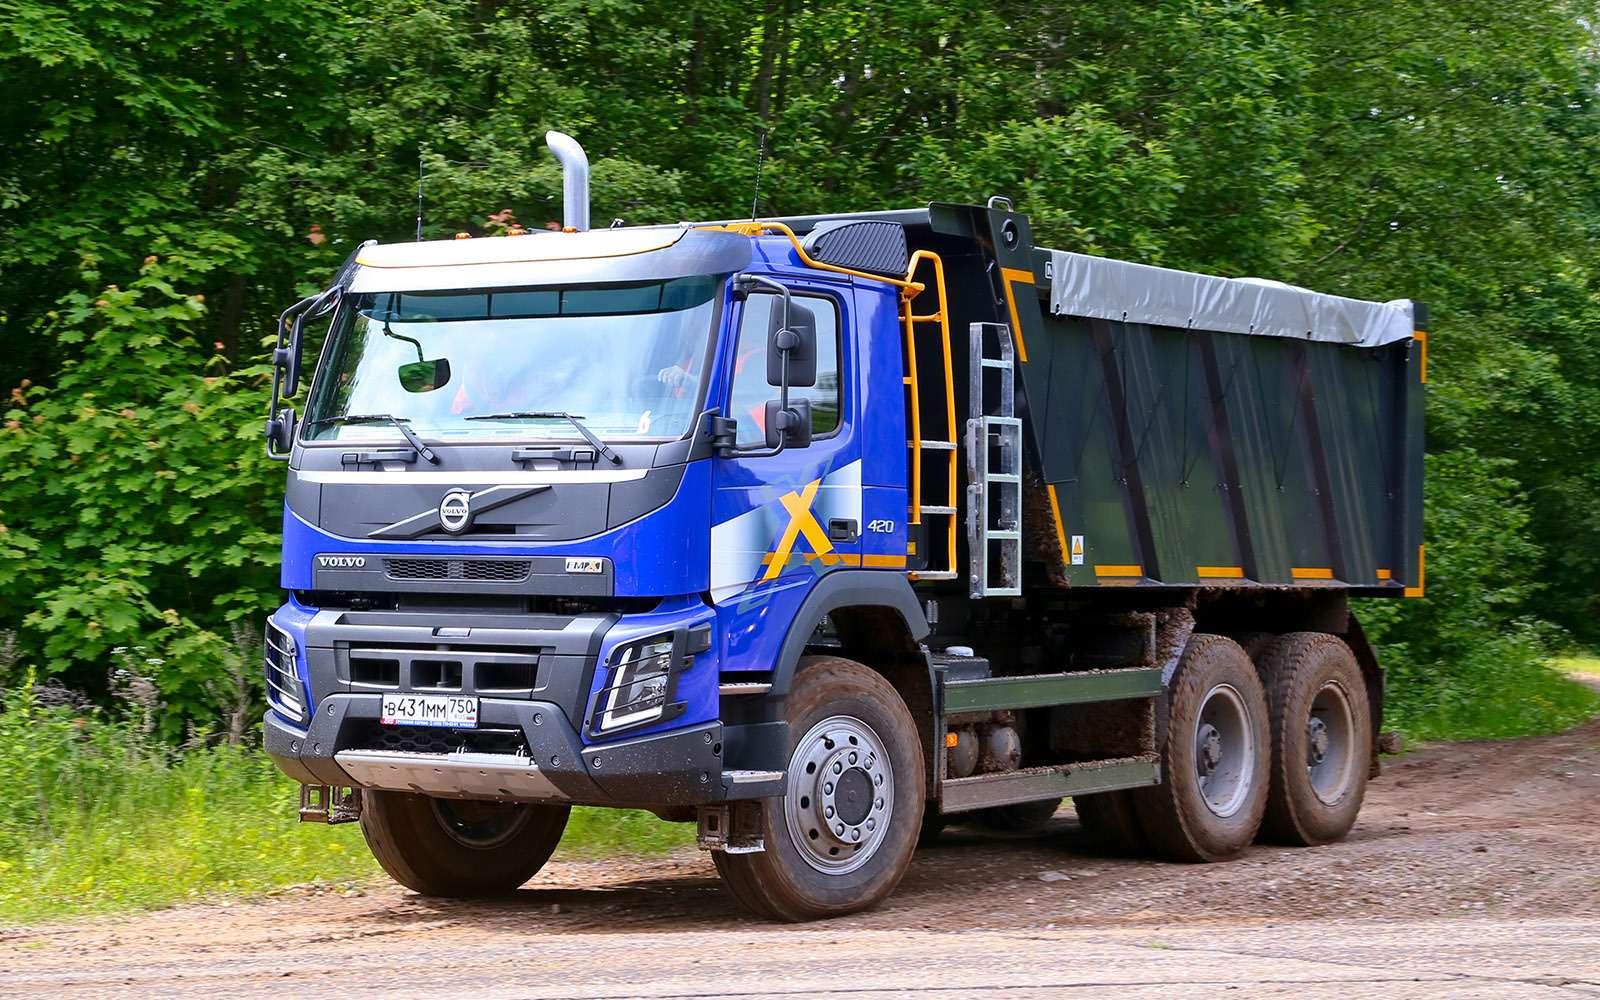 Самосвалы Volvo дляРоссии: без перегрузок наосях— фото 695652